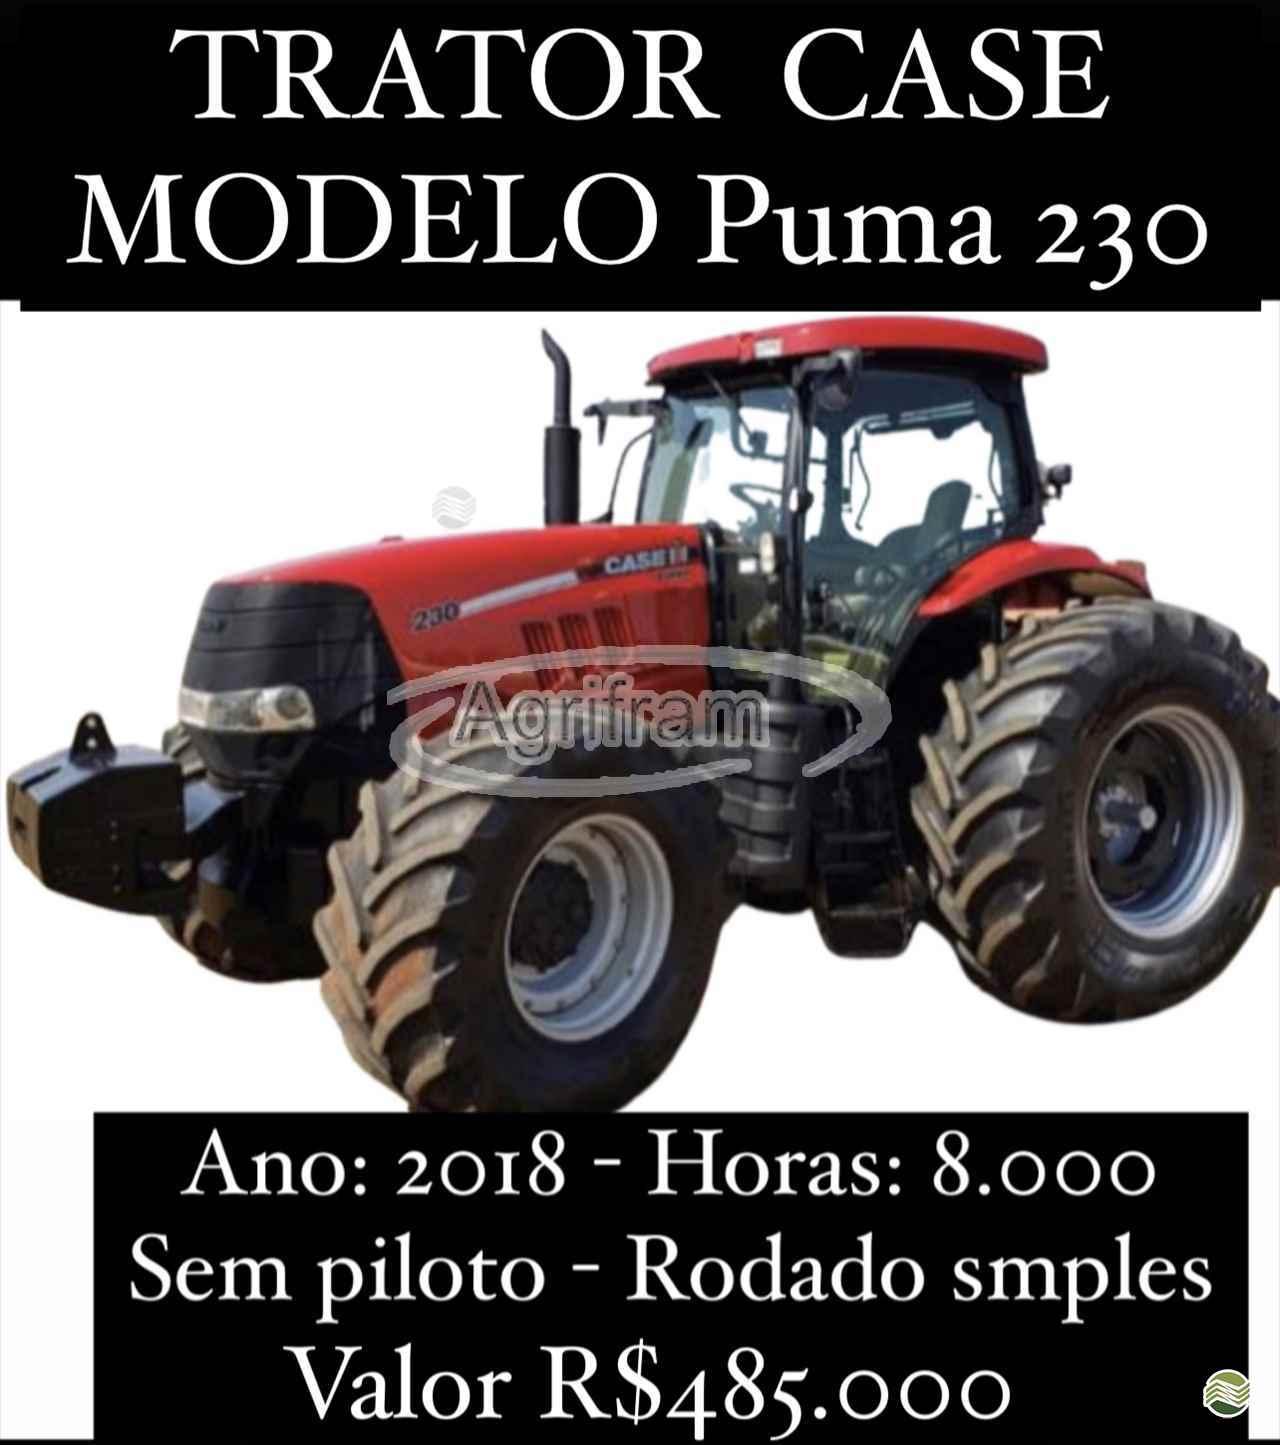 TRATOR CASE PUMA 230 Tração 4x4 Agrifram Máquinas e Soluções Agrícolas LUIS EDUARDO MAGALHAES BAHIA BA